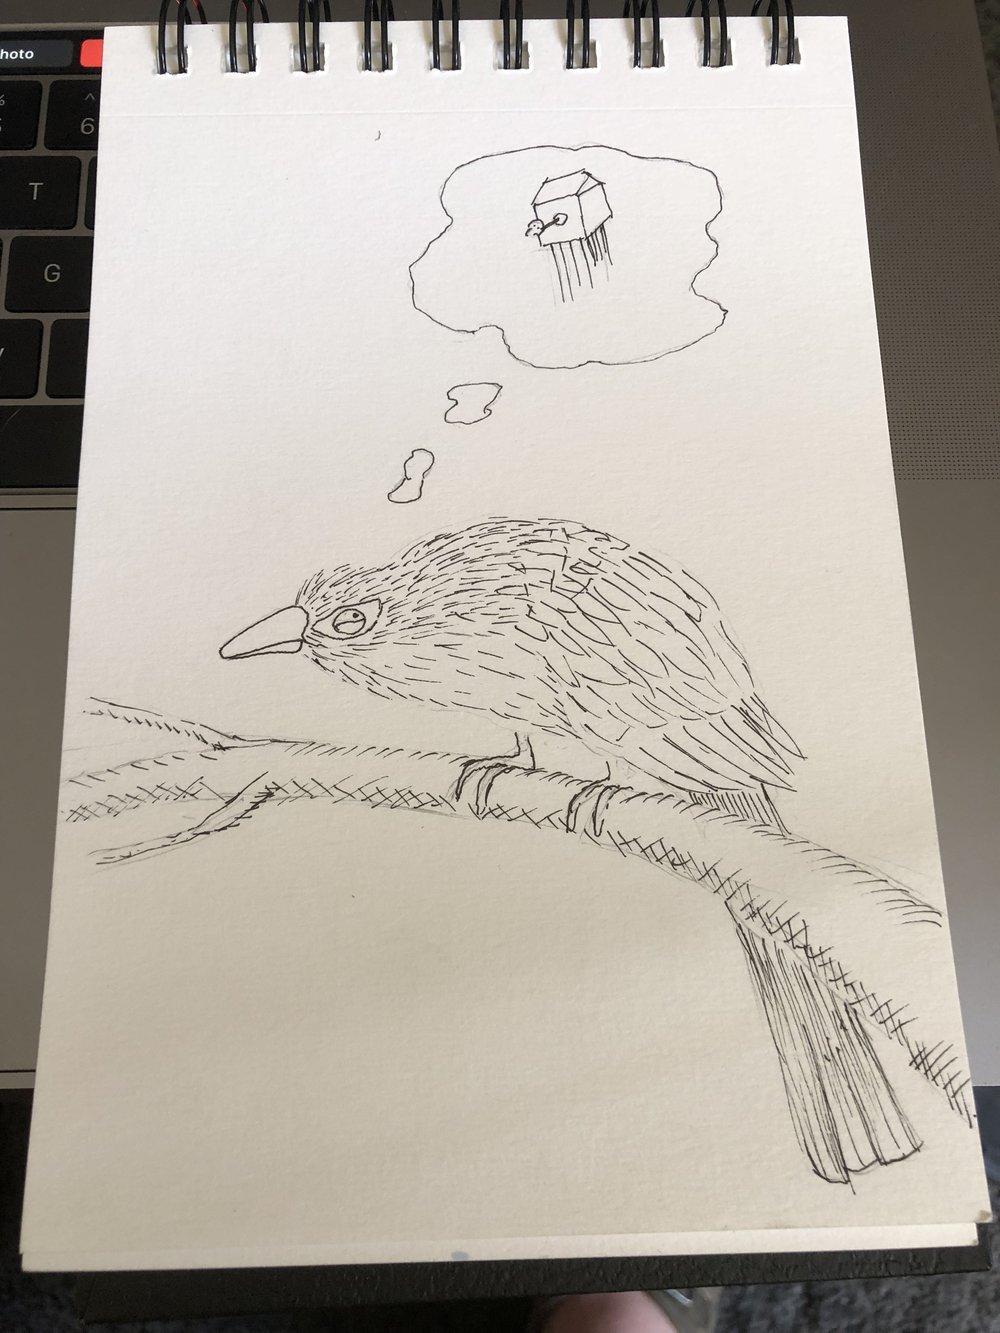 cuckoo pen.JPG